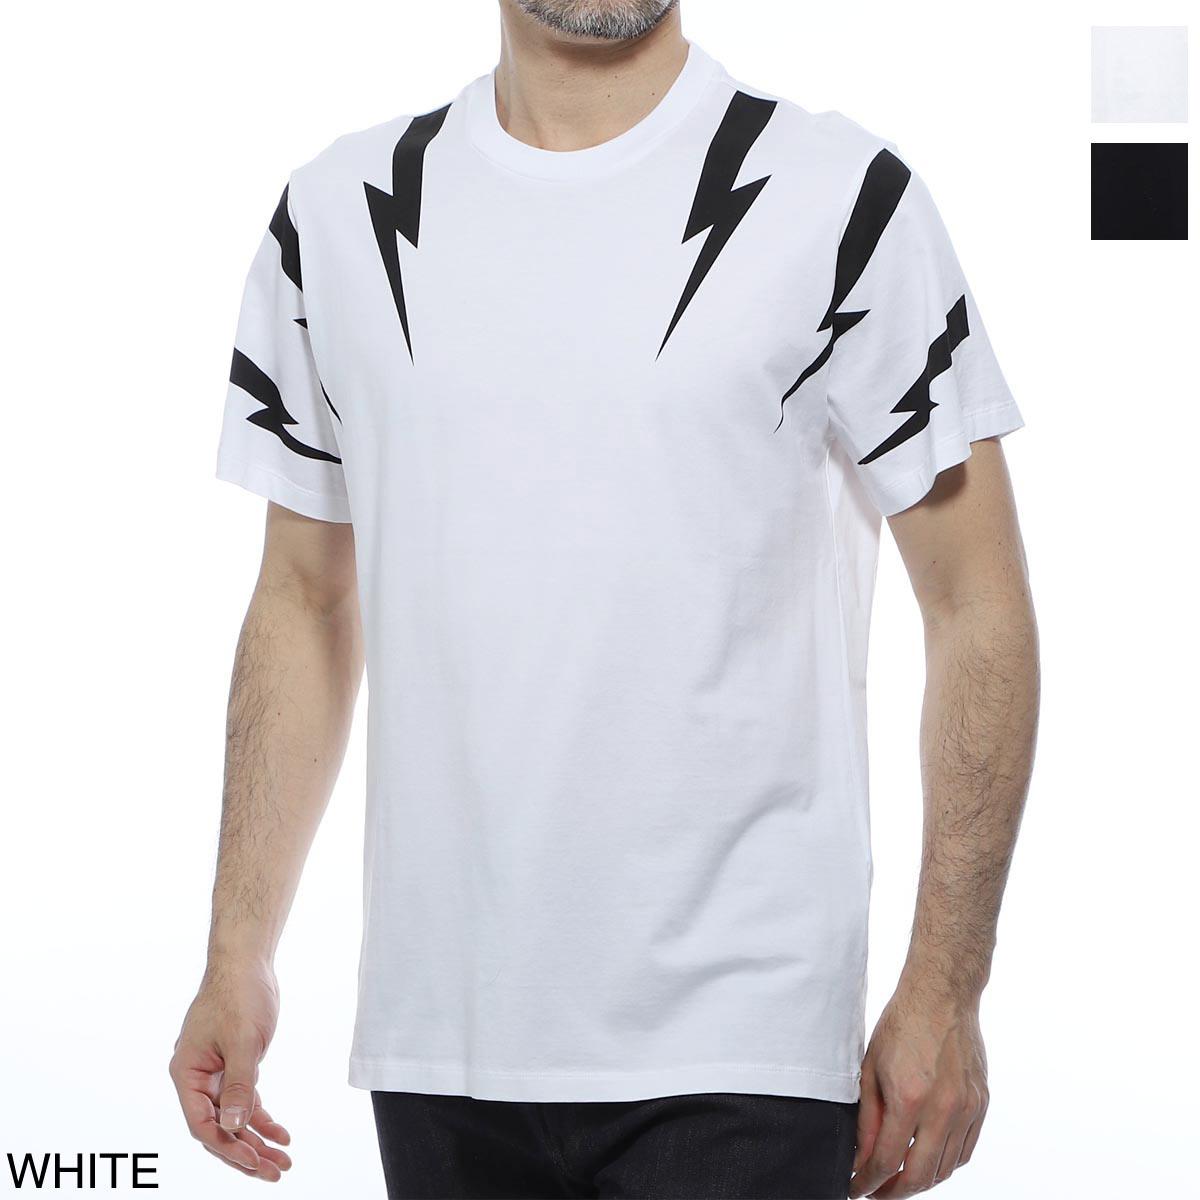 ニールバレット NeIL BarreTT クルーネックTシャツ メンズ pbjt553s m508s 526 FIT SLIM REGULAR【あす楽対応_関東】【返品送料無料】【ラッピング無料】